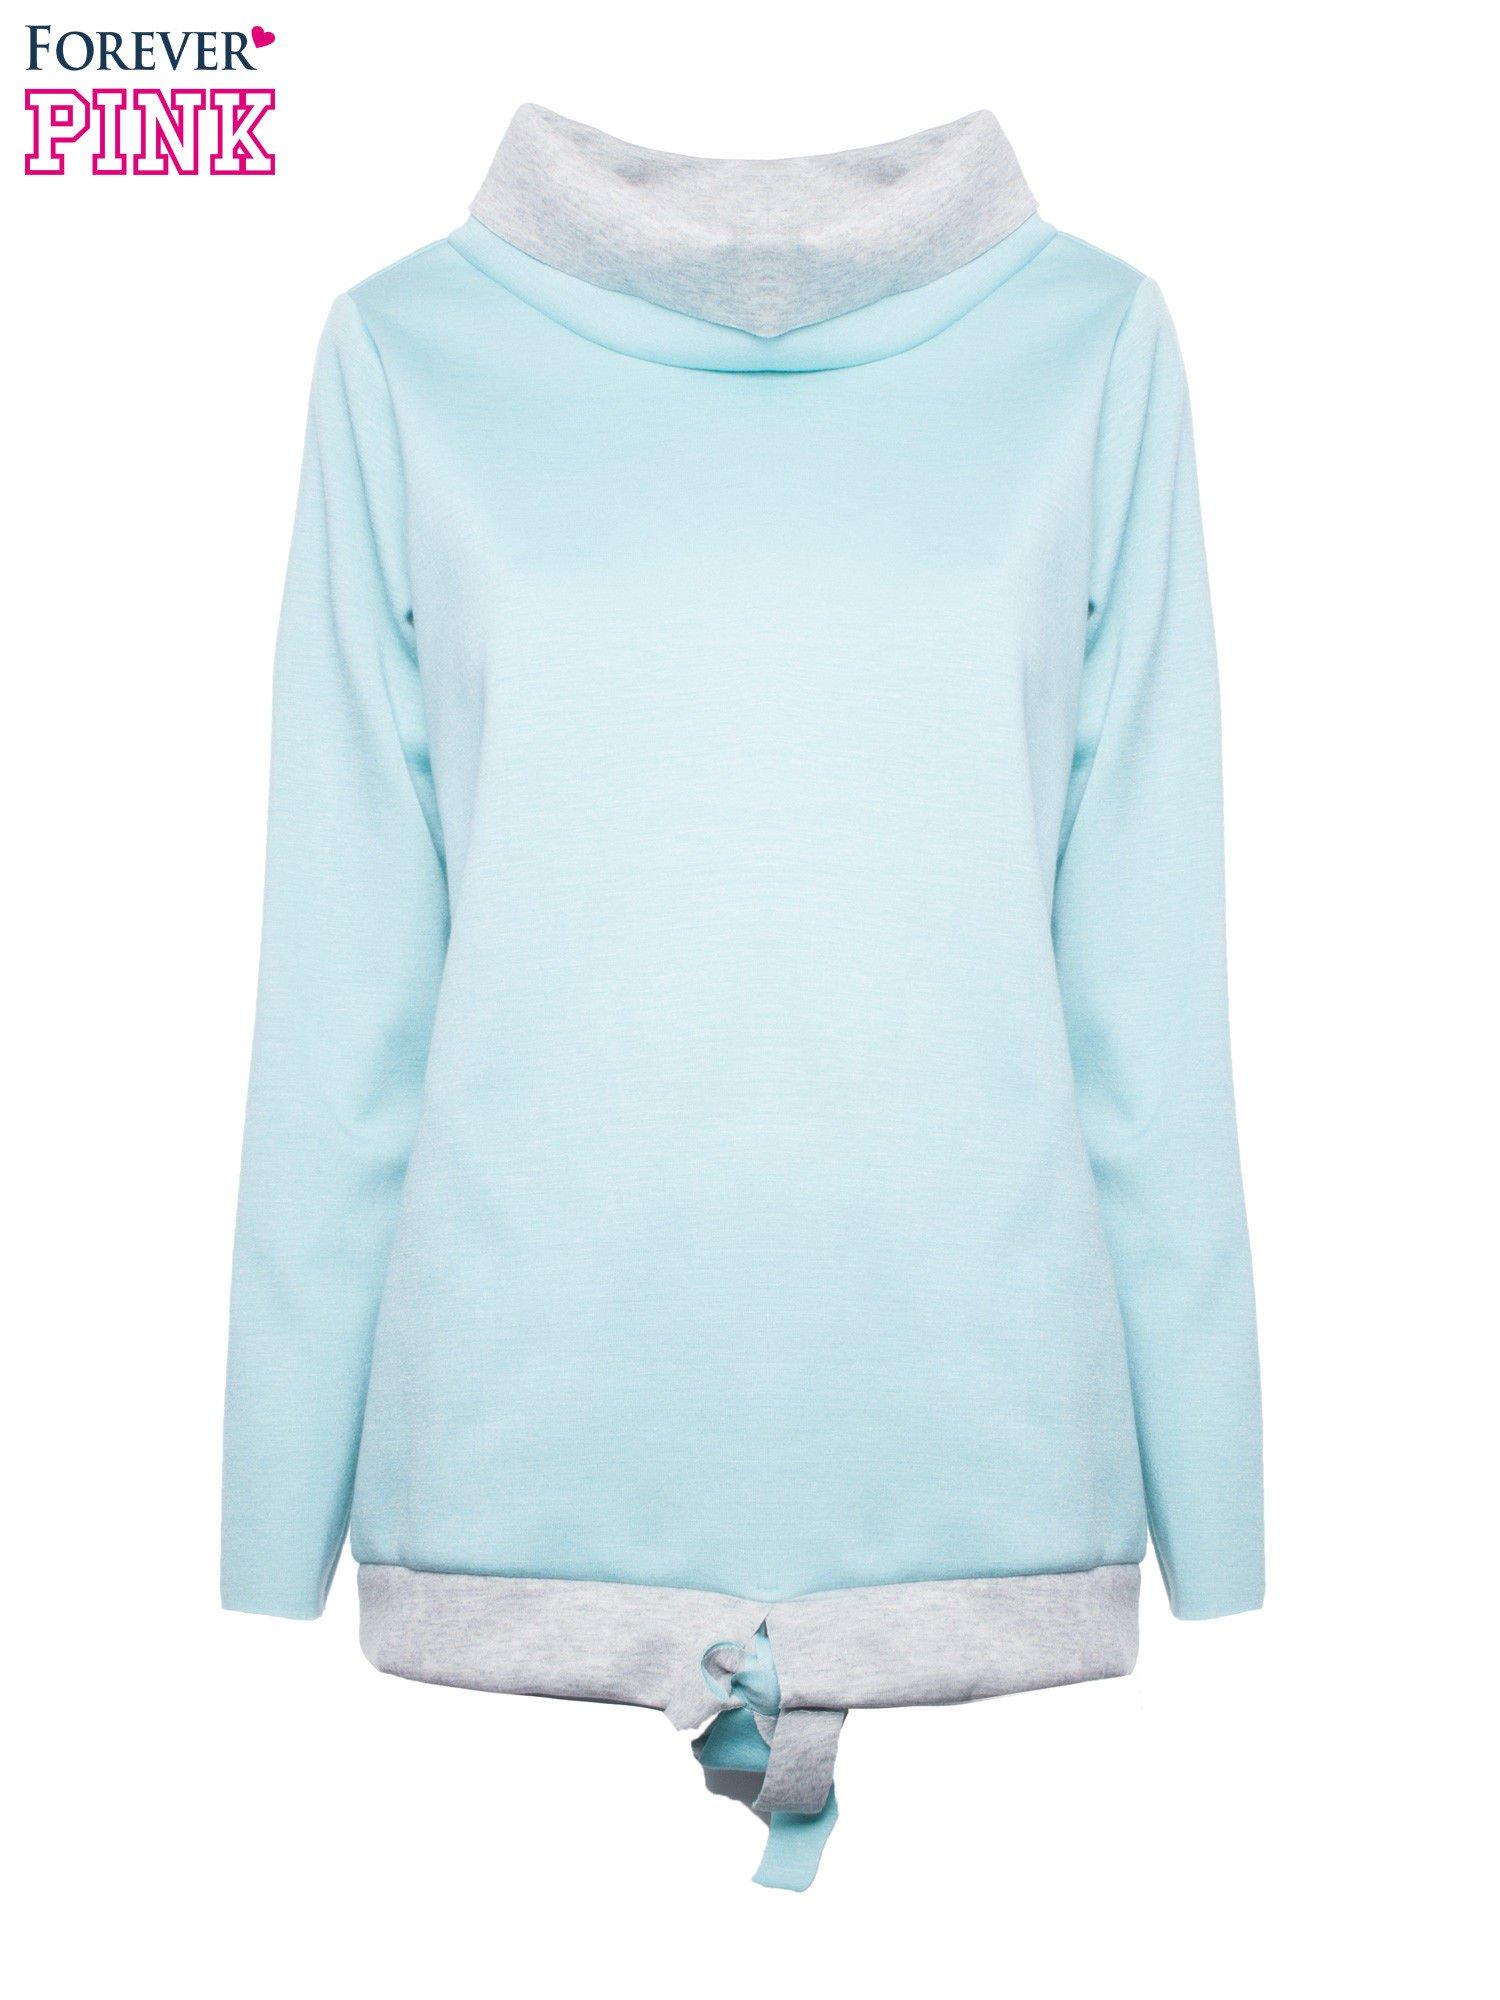 Niebiesko-szara bluza z wywijanym kołnierzem                                  zdj.                                  2